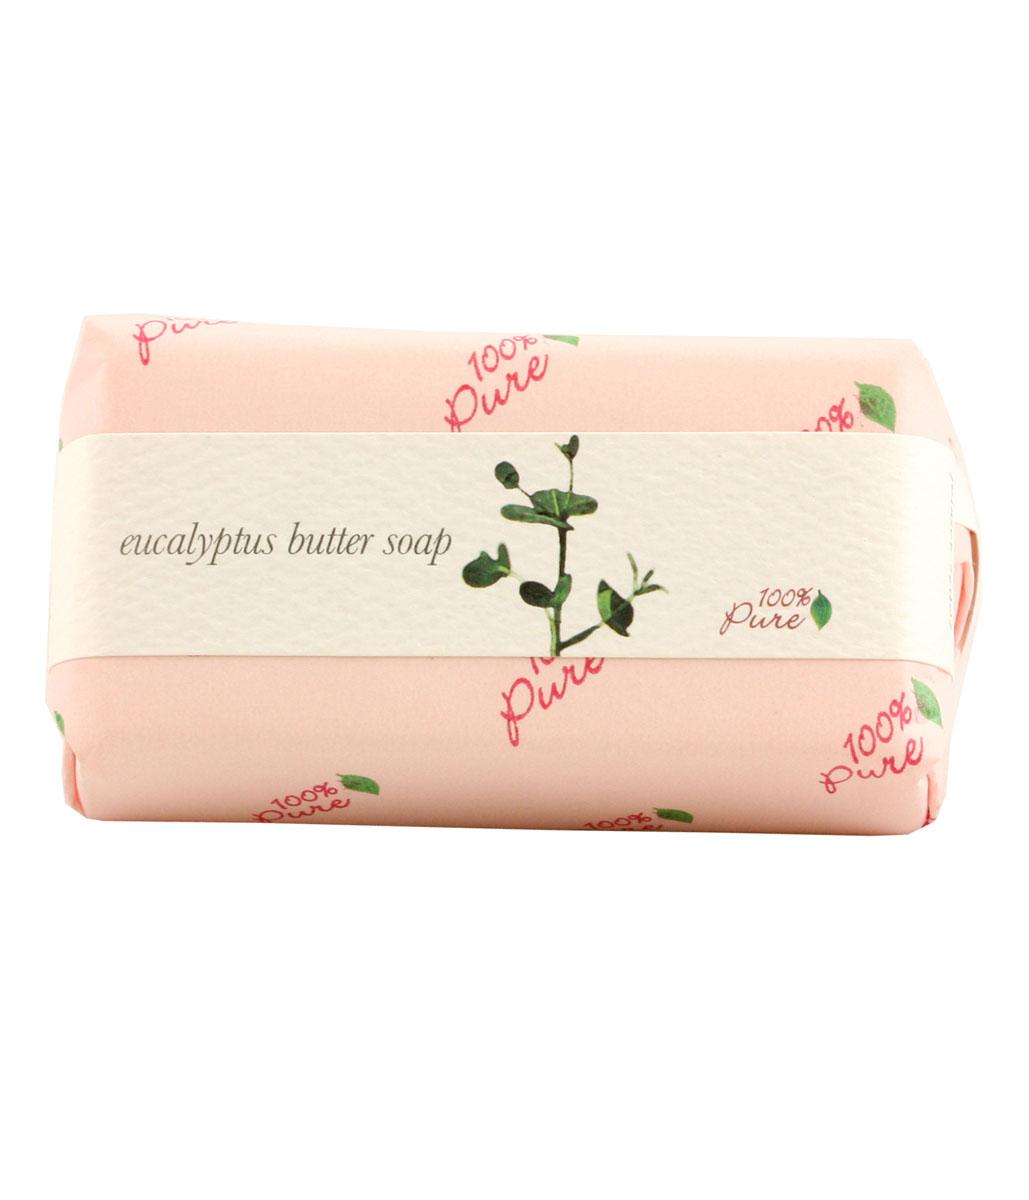 100% Pure Крем-мыло Эвкалипт, 127 г1BSOEЭто натуральное растительное мыло создано на основе масла Ши и кокосового масла, которые, как известно, увлажняют и защищают кожу. Обильная , нежная пена дарит бесконечное удовольствие при принятии ванны.